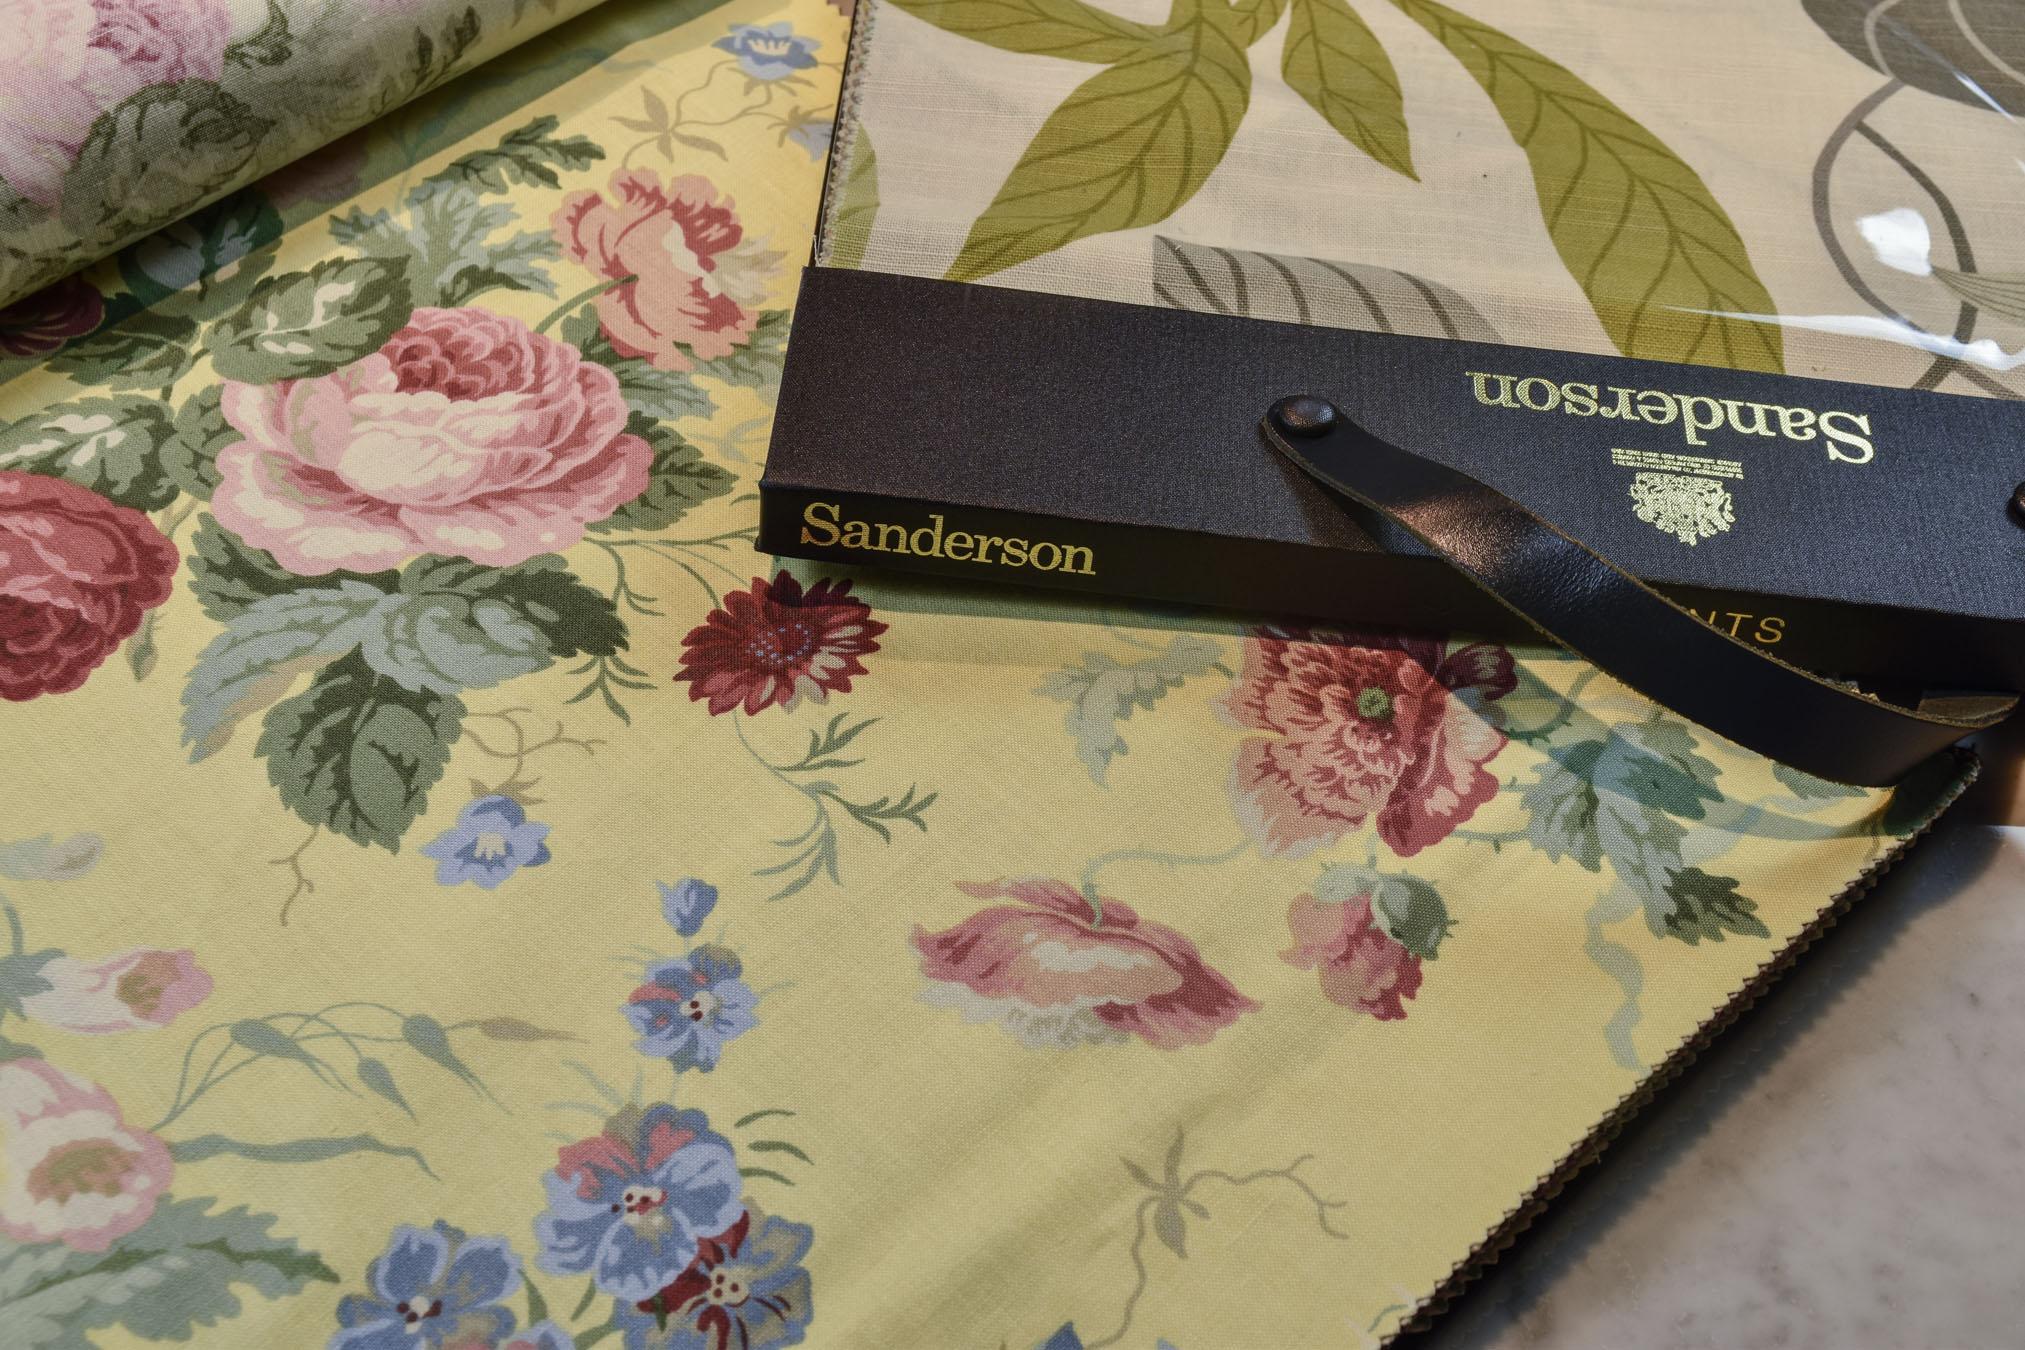 Tessuti sanderson collezione tessile berto